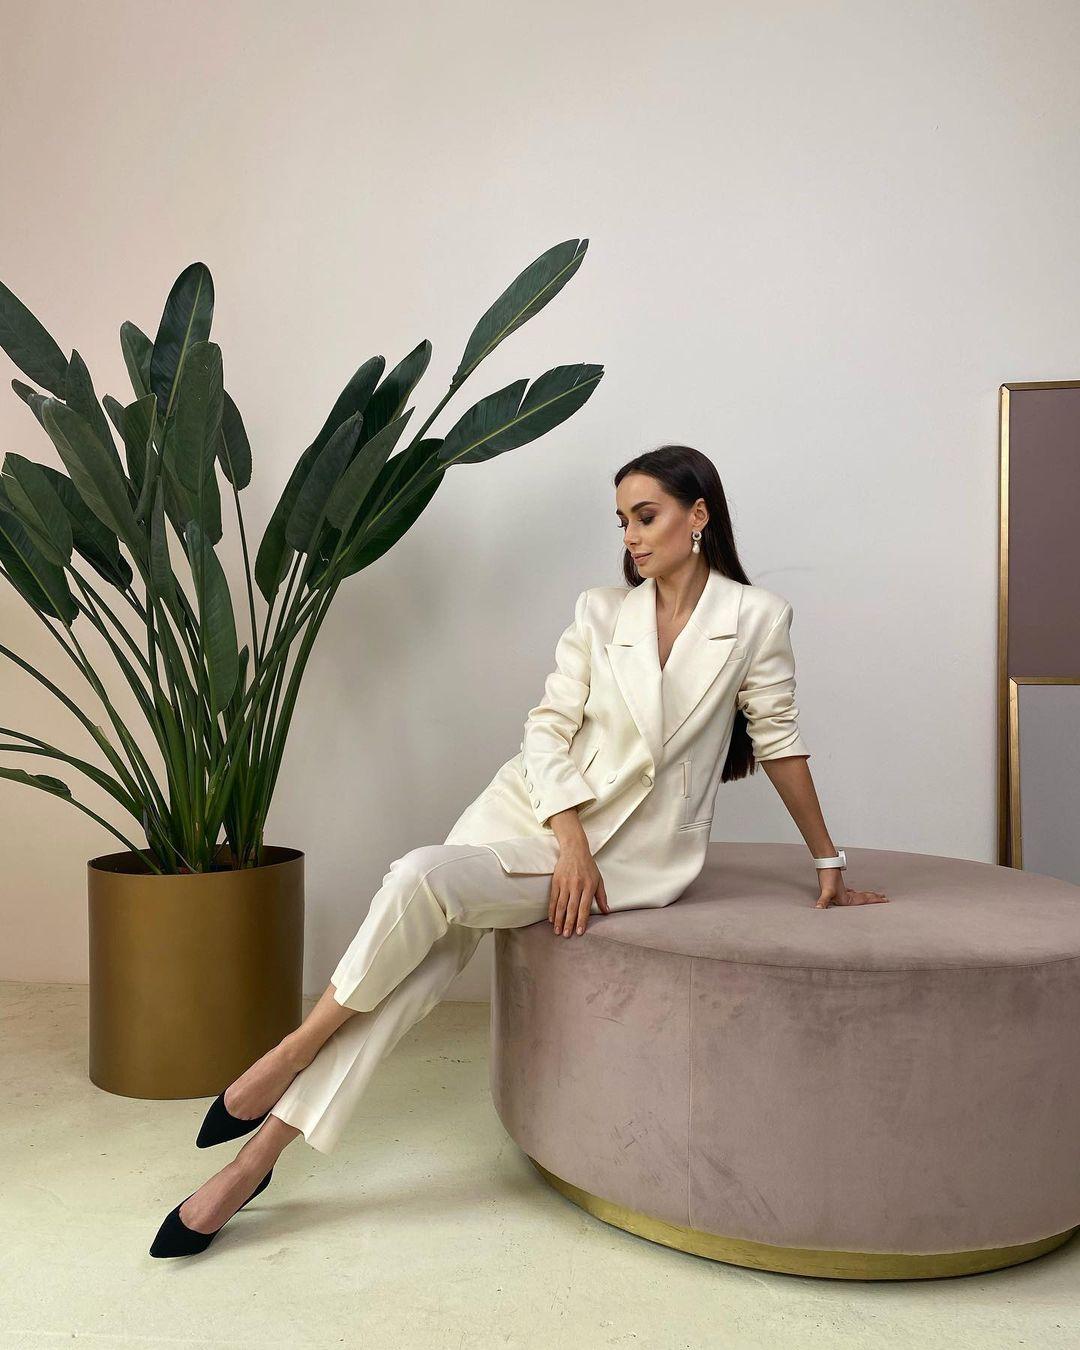 Самая красивая холостячка: Ксения Мишина демонстрирует стройные ножки в стильном костюме